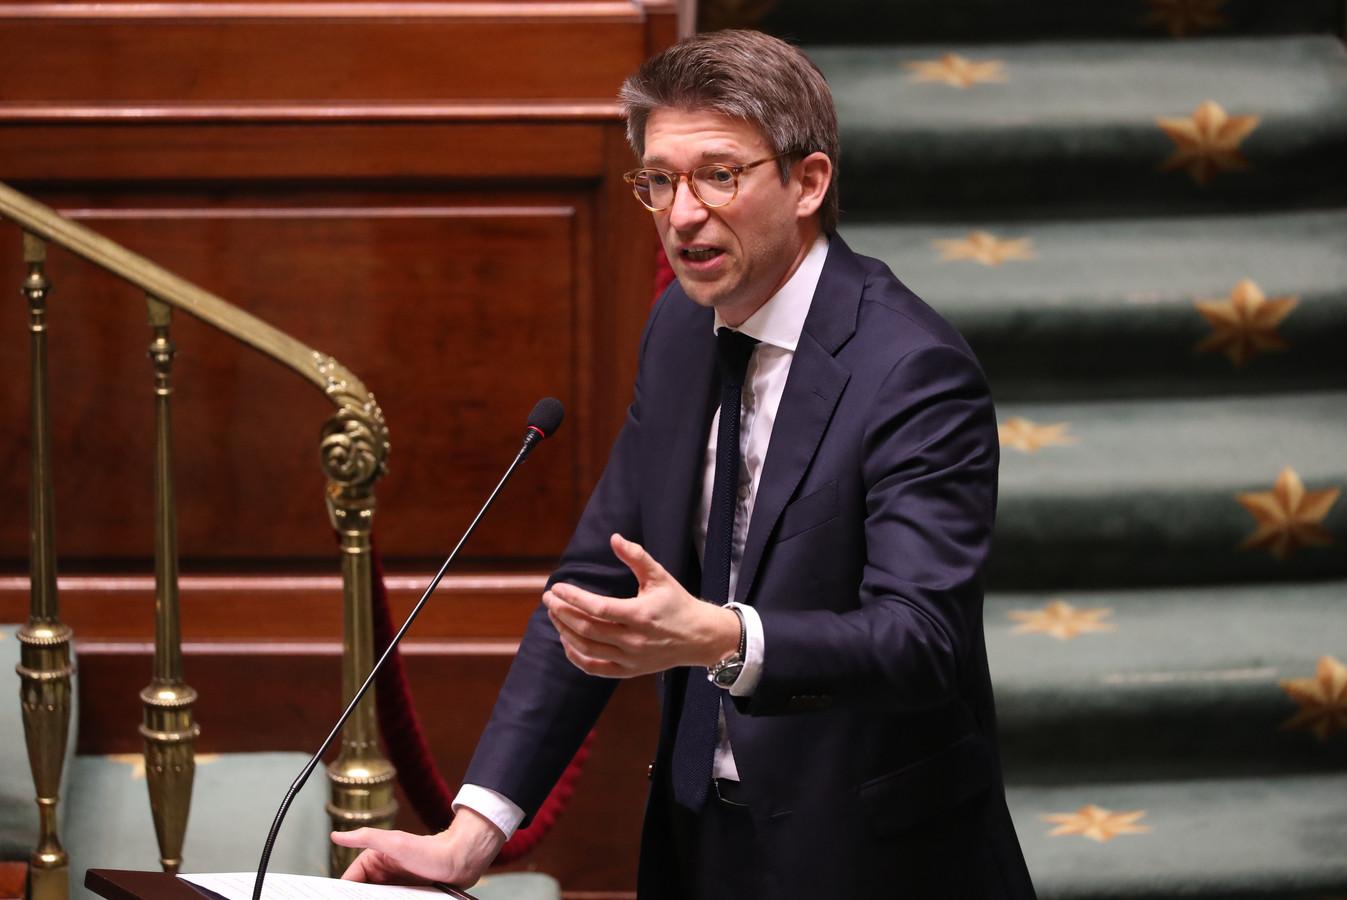 Minister van Werk, Pierre-Yves Dermagne (PS), stuurde de vakbonden en de werkgevers opnieuw naar de onderhandelingstafel.